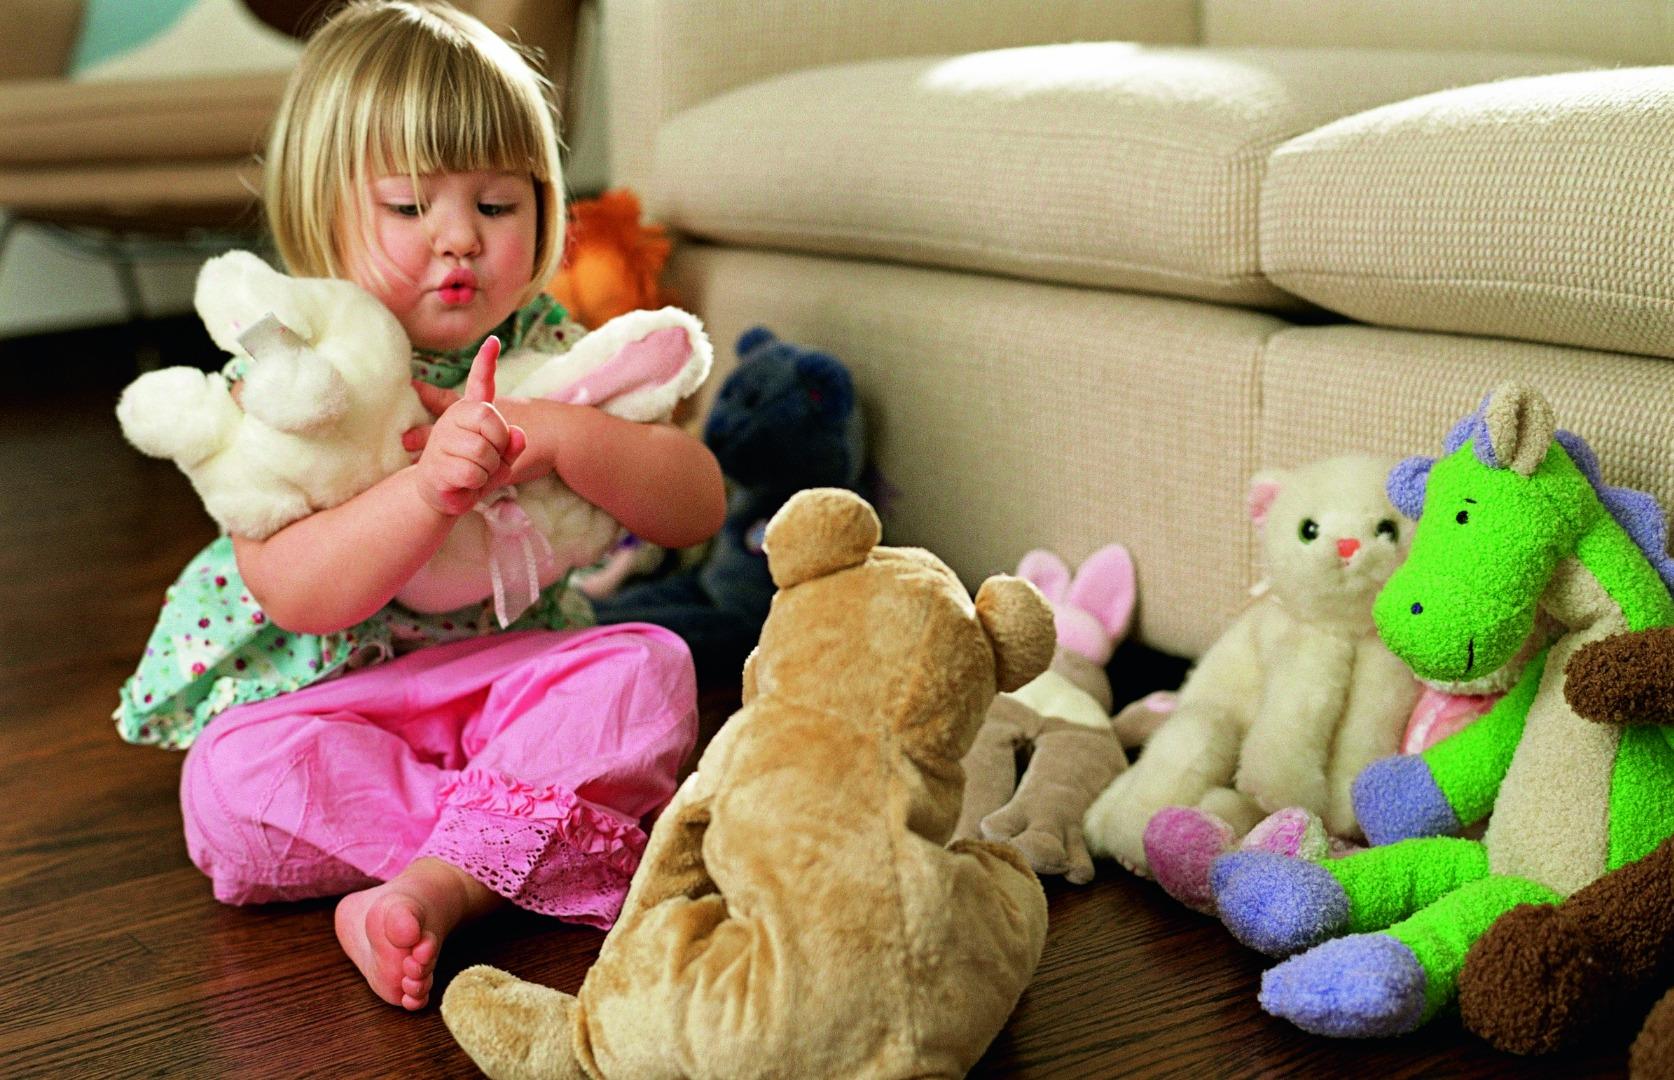 Кукла или мишка? Что расскажет о ребенке его любимая игрушка